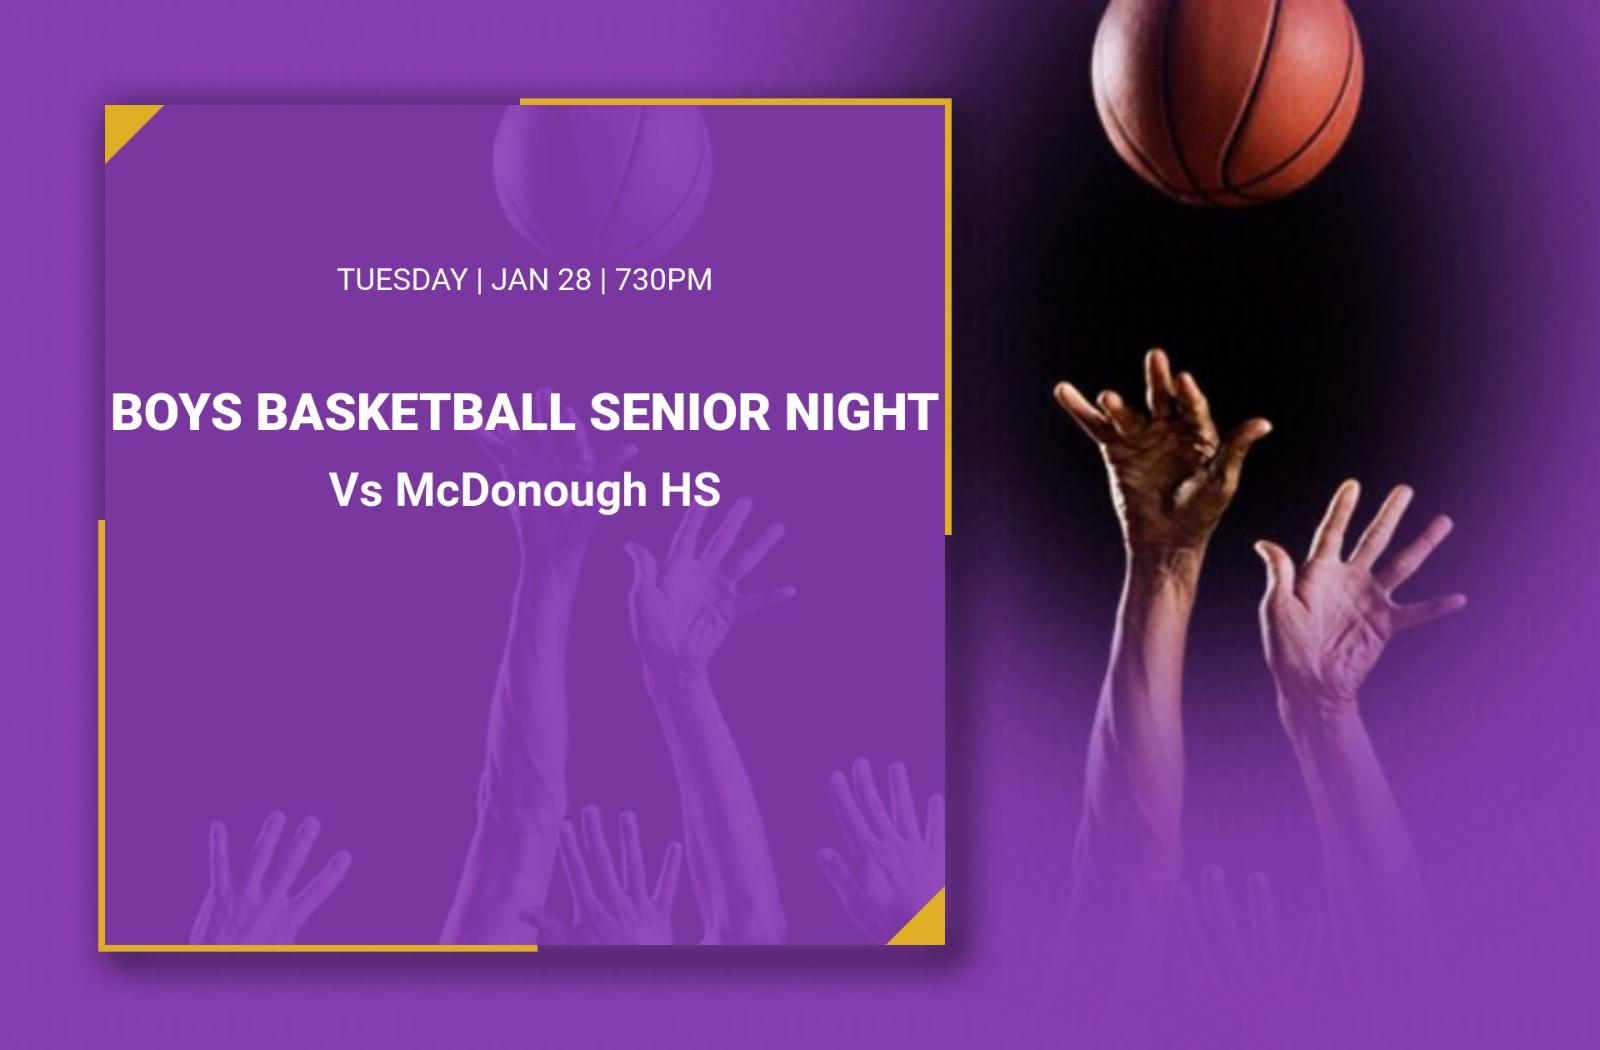 Sr Night Boys Basketball game  Vs McDonough  Jan 28 730pm